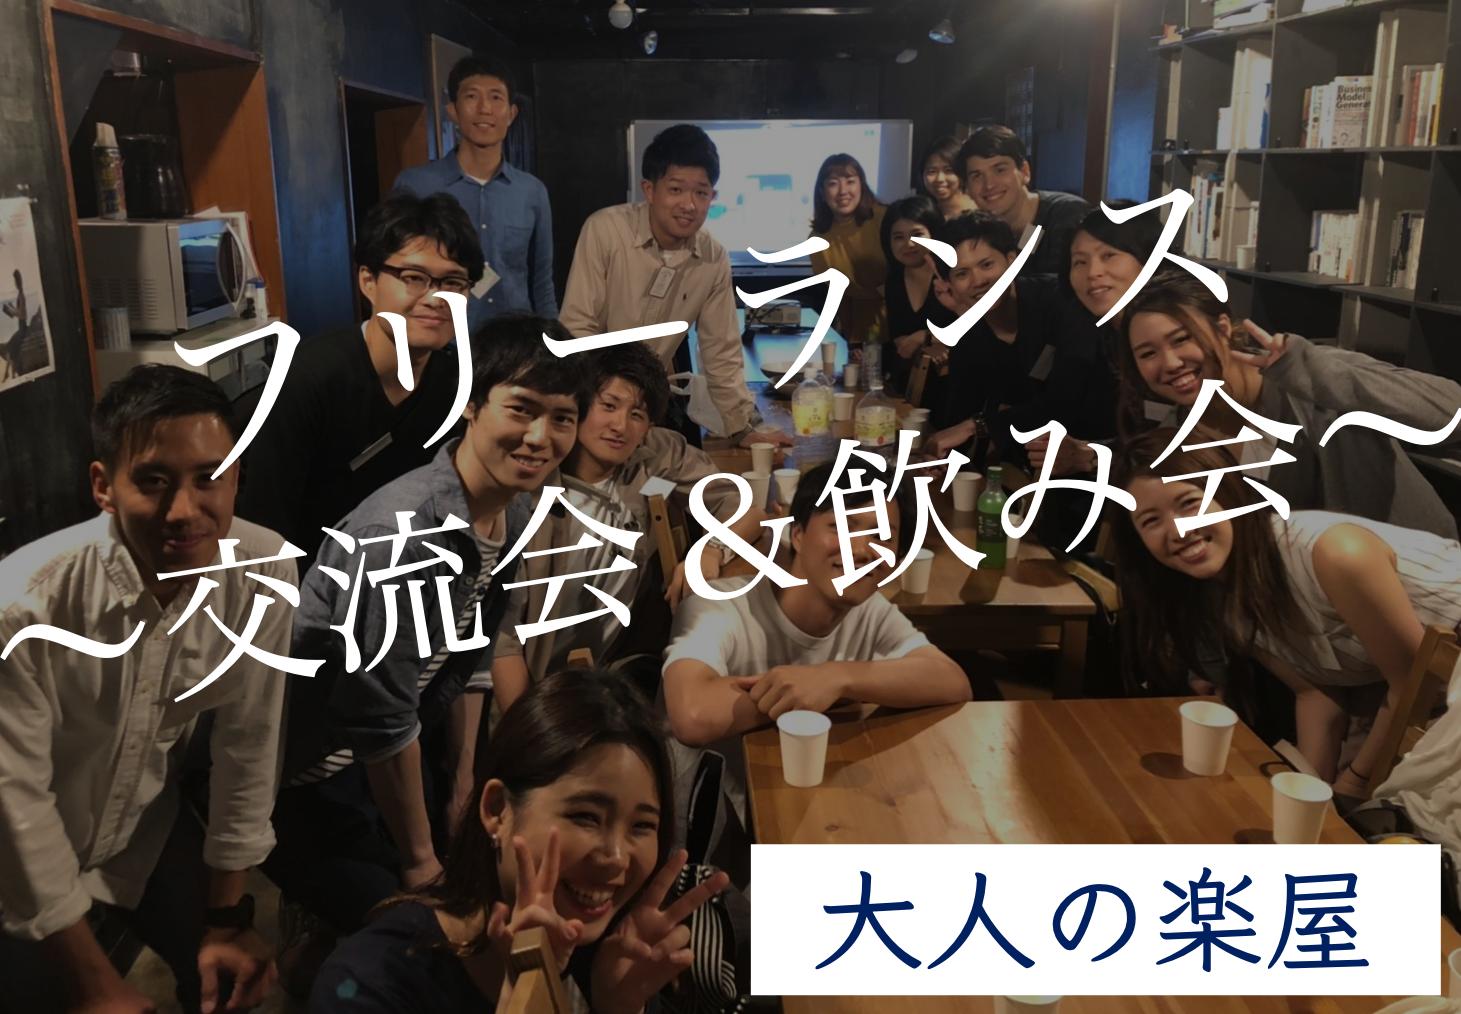 7/27(土)【大崎】お洒落な会場でフリーランスが集まる交流会